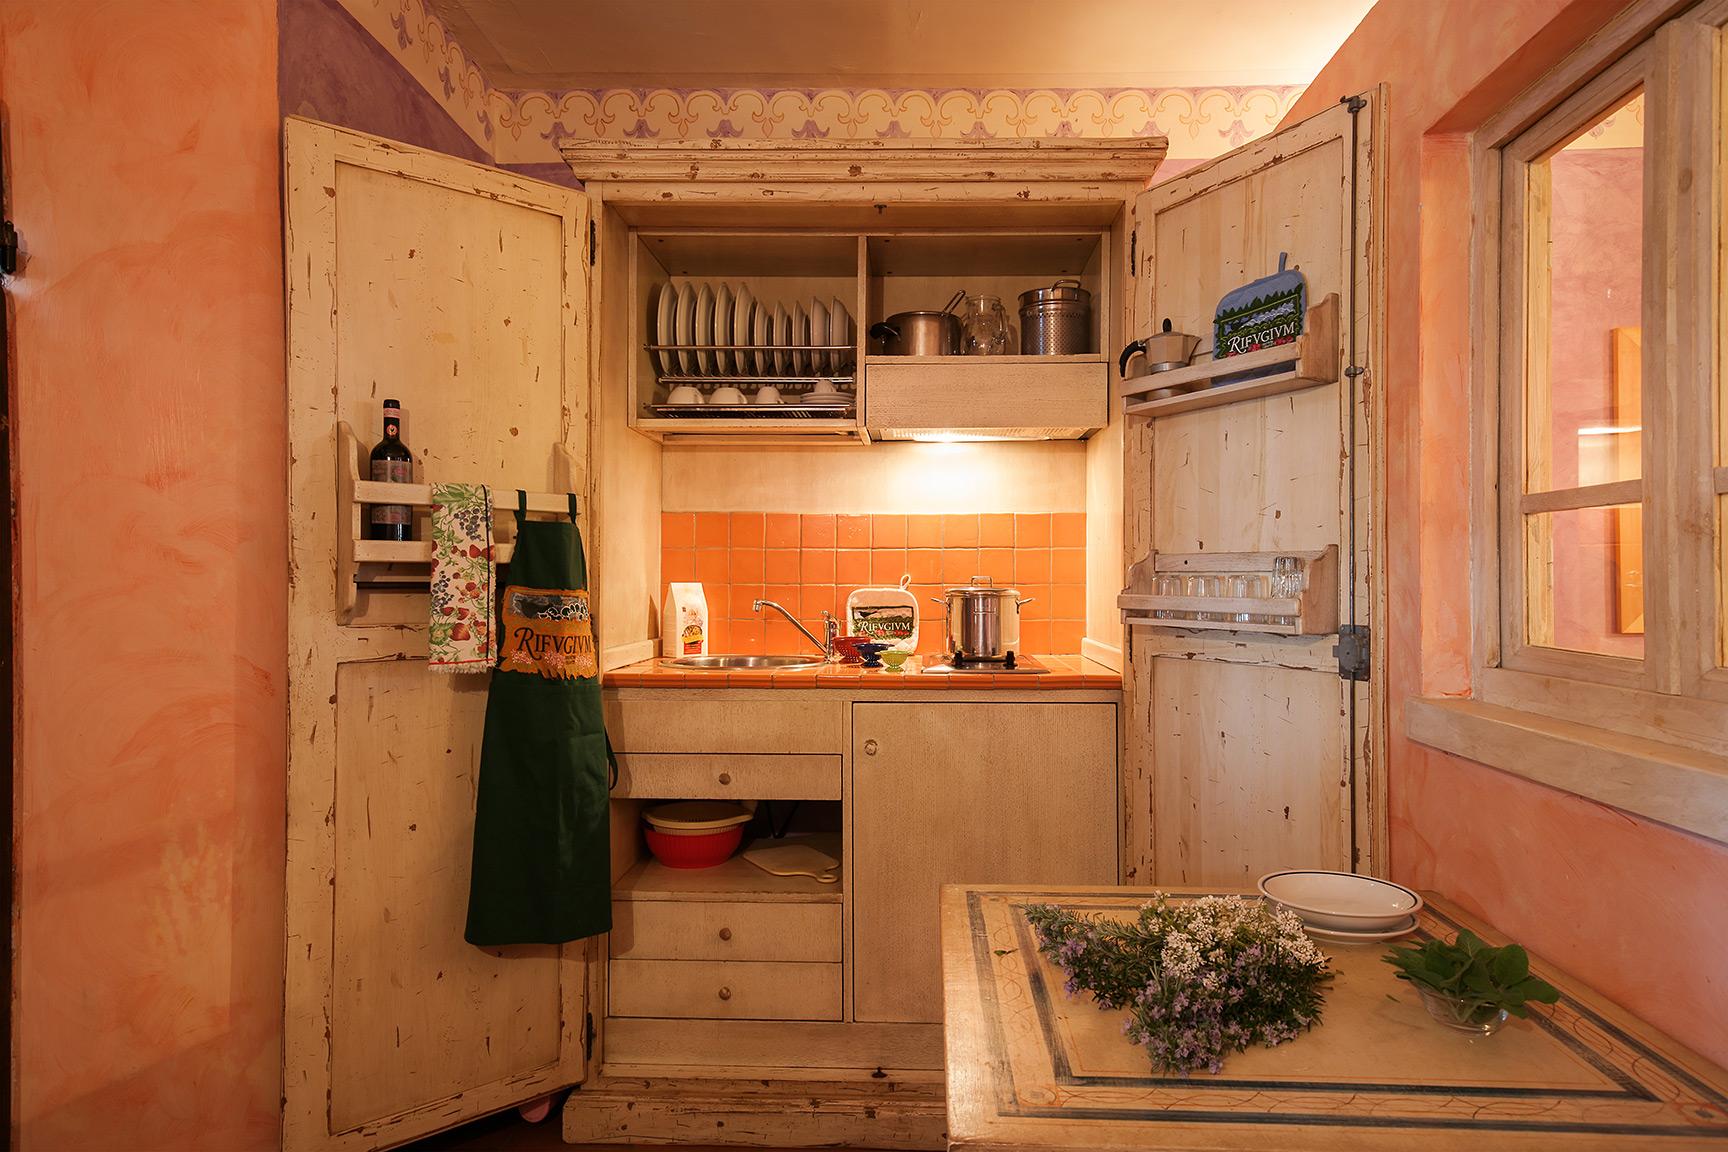 La cucina a scomparsa